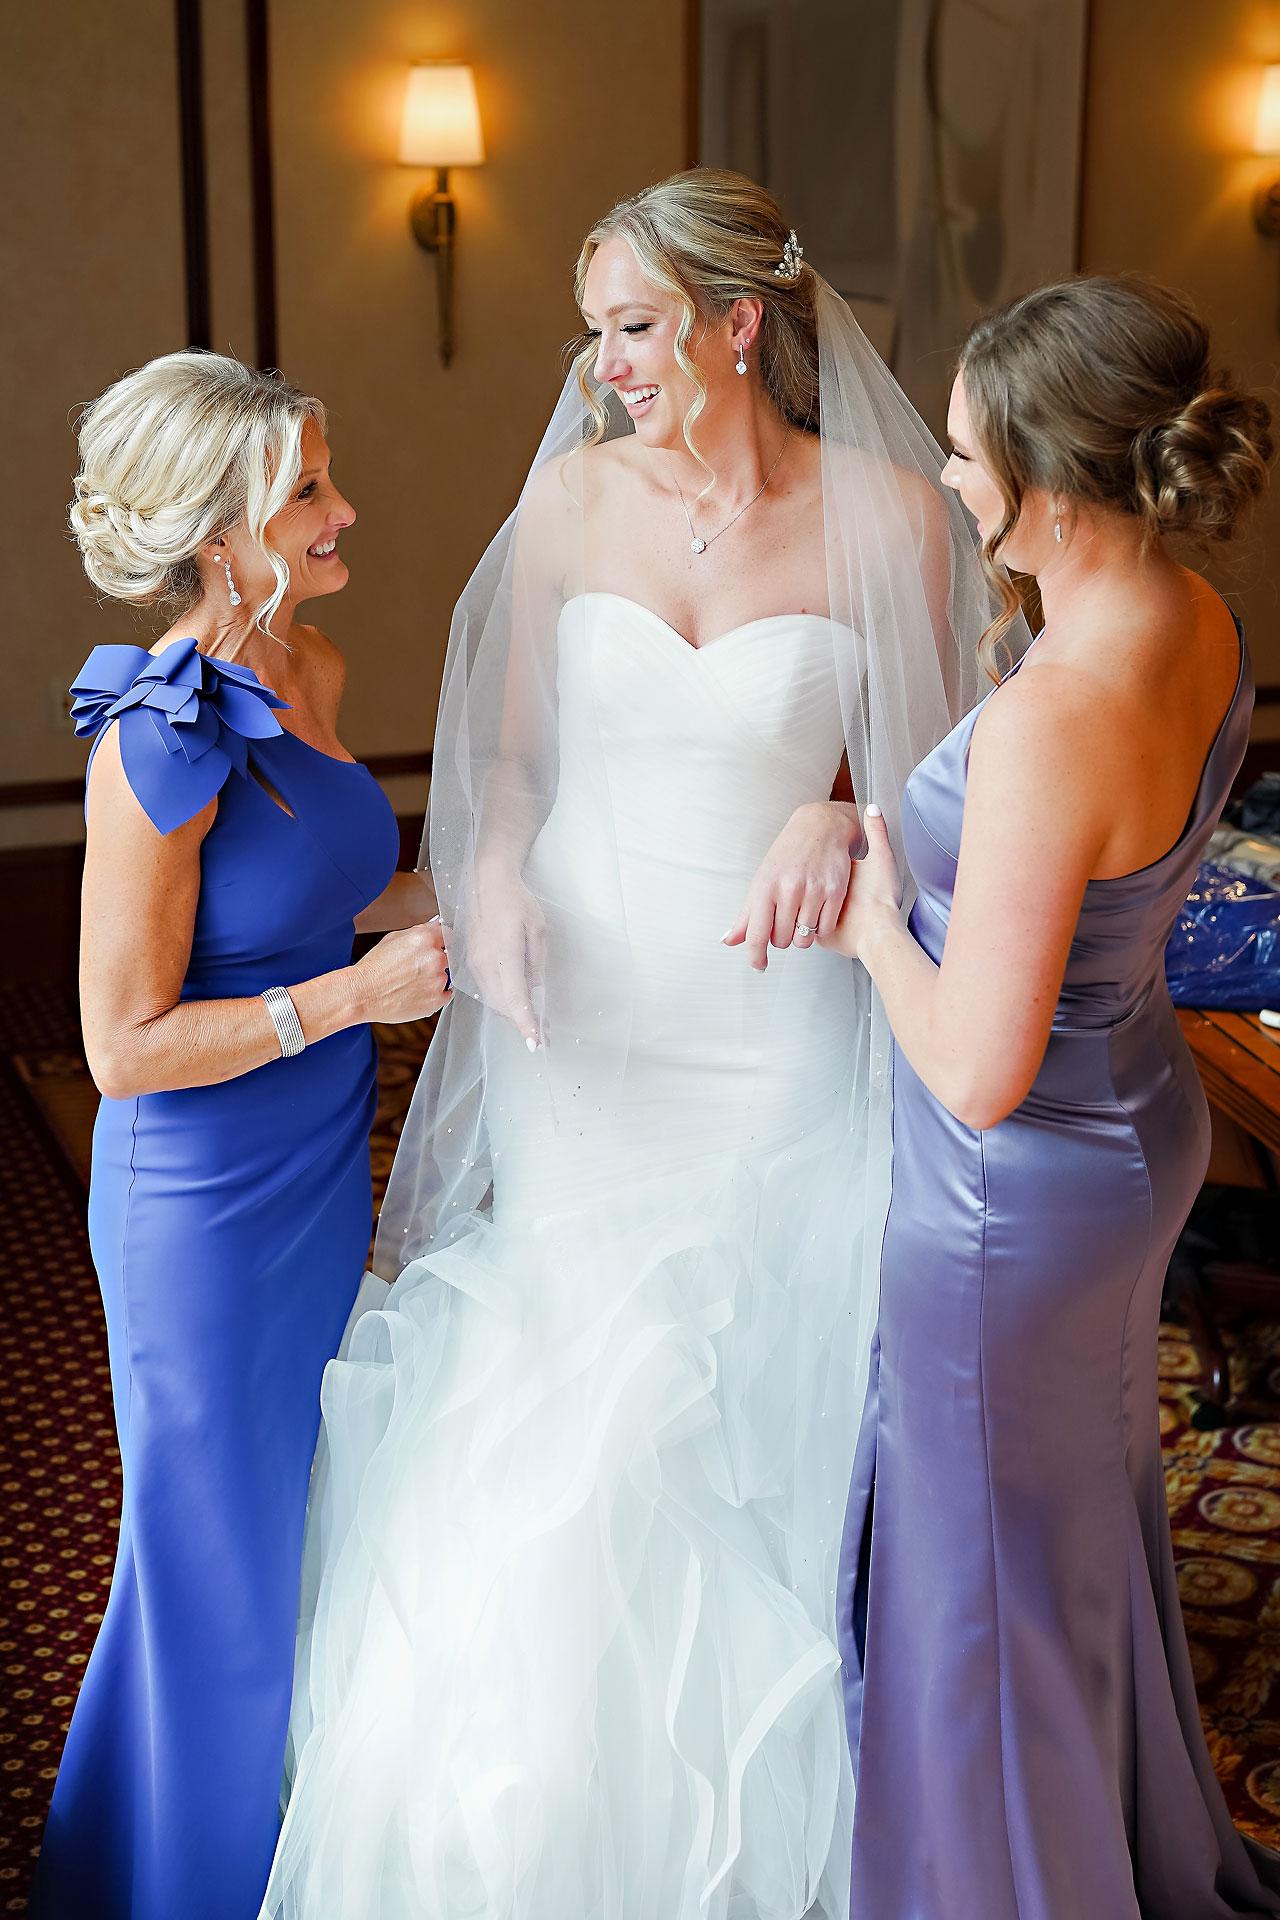 Liz Zach Conrad Artsgarden Indianapolis Wedding 020